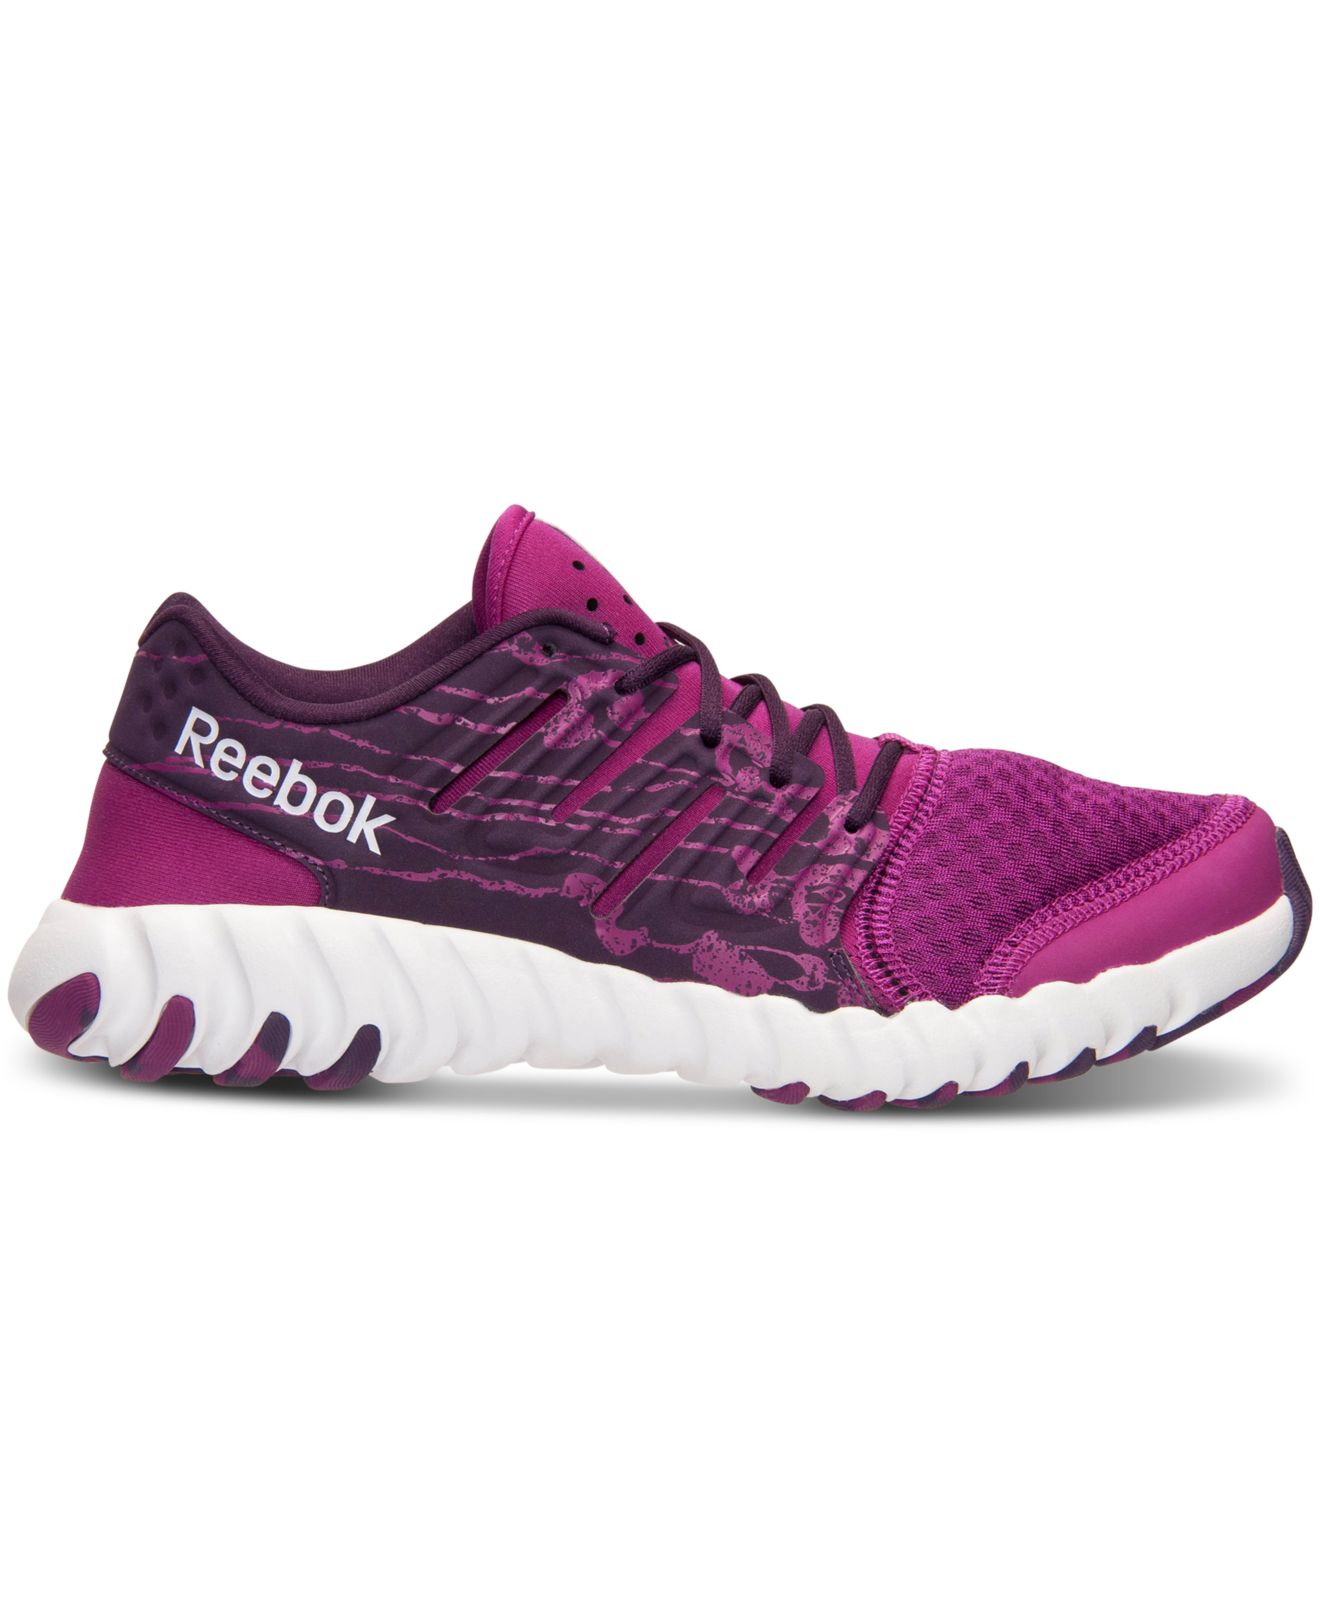 Lyst - Reebok Women s Twistform Running Sneakers From Finish Line in ... 41b966ff7f2